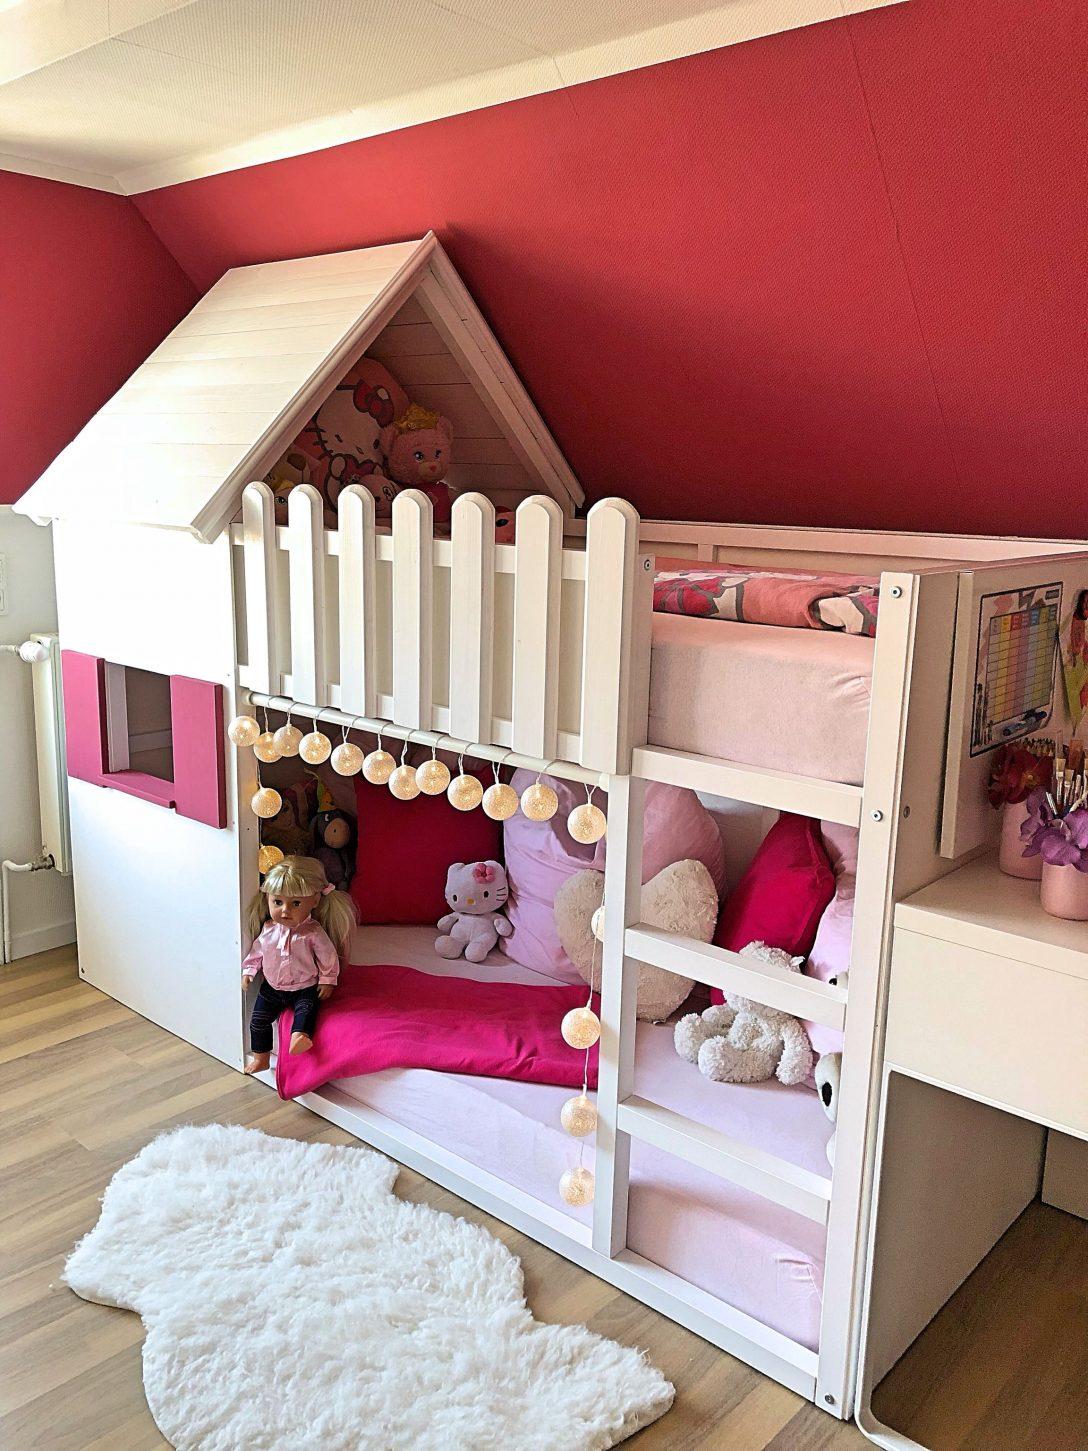 Full Size of Mdchen Betten Selbstgebautes Hochbett Haus Bett Kinderzimmer Test Wohnzimmer Mädchenbetten